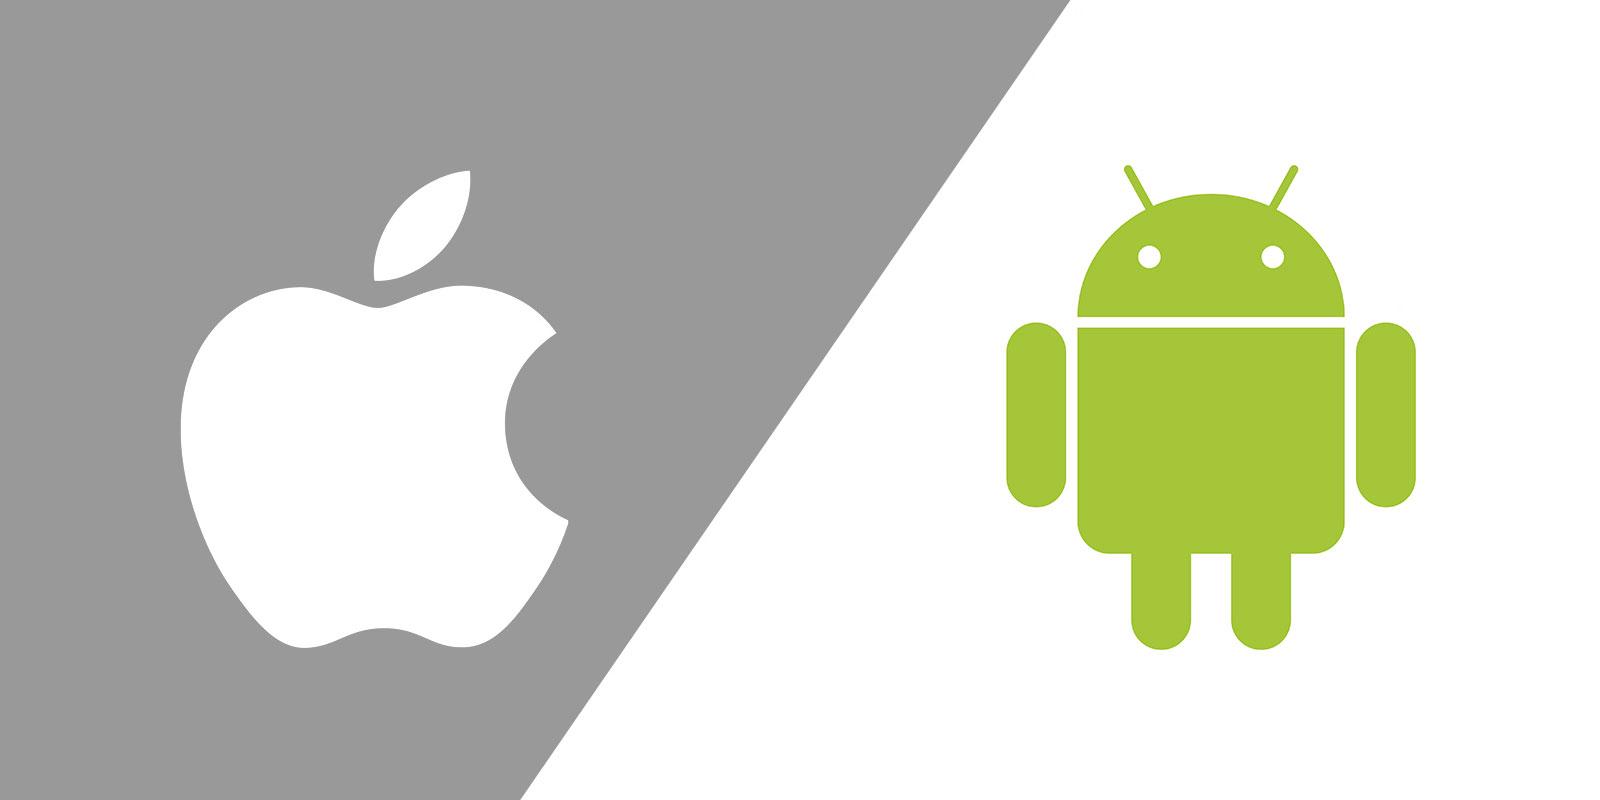 اندروید یا آیاواس؟ کدام سیستمعامل مناسب شما است؟